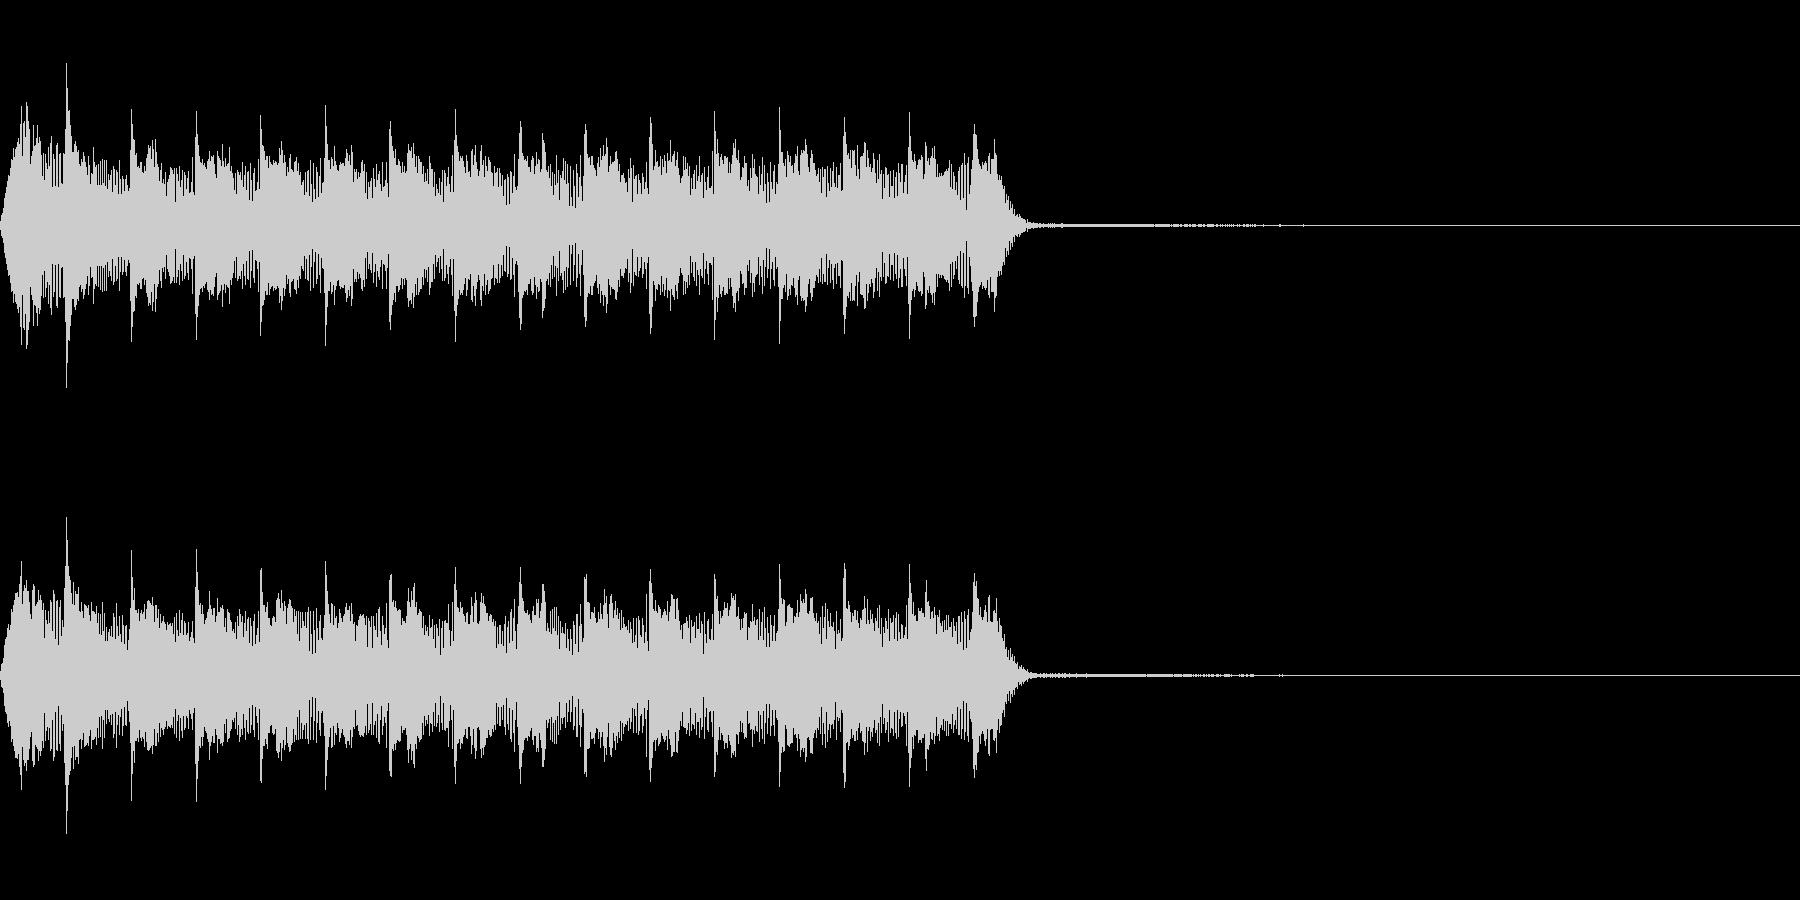 Razor レーザー小銃の連射音 1の未再生の波形